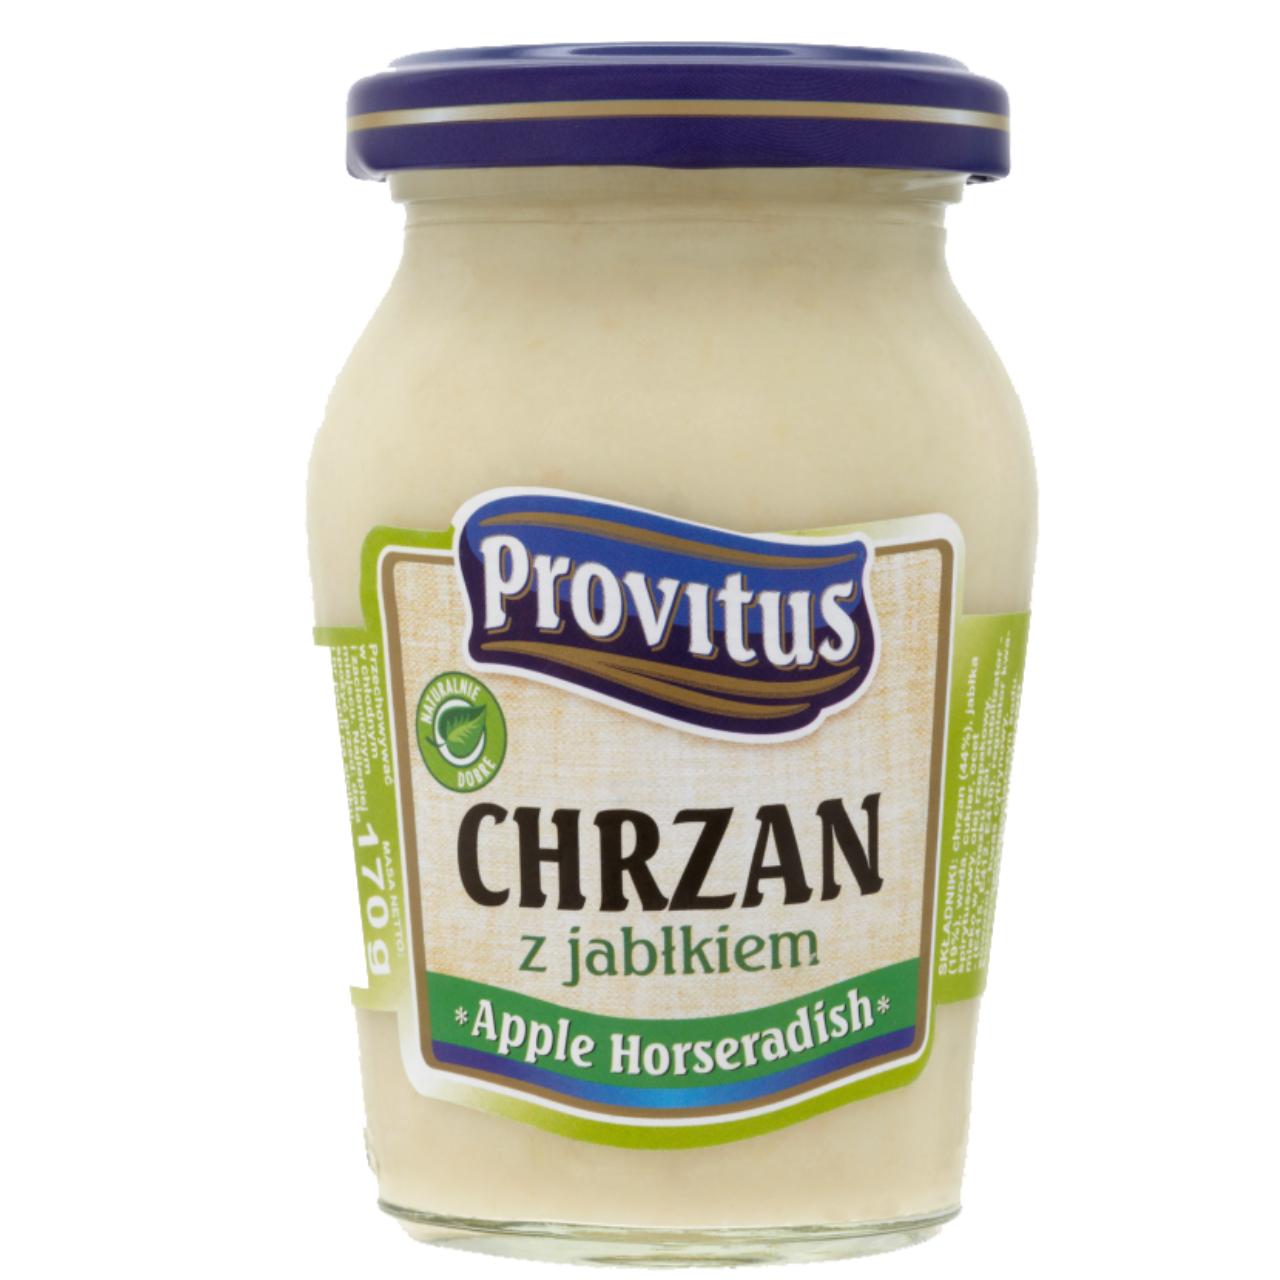 CHRZAN Z JABŁKIEM - PROVITUS 170g